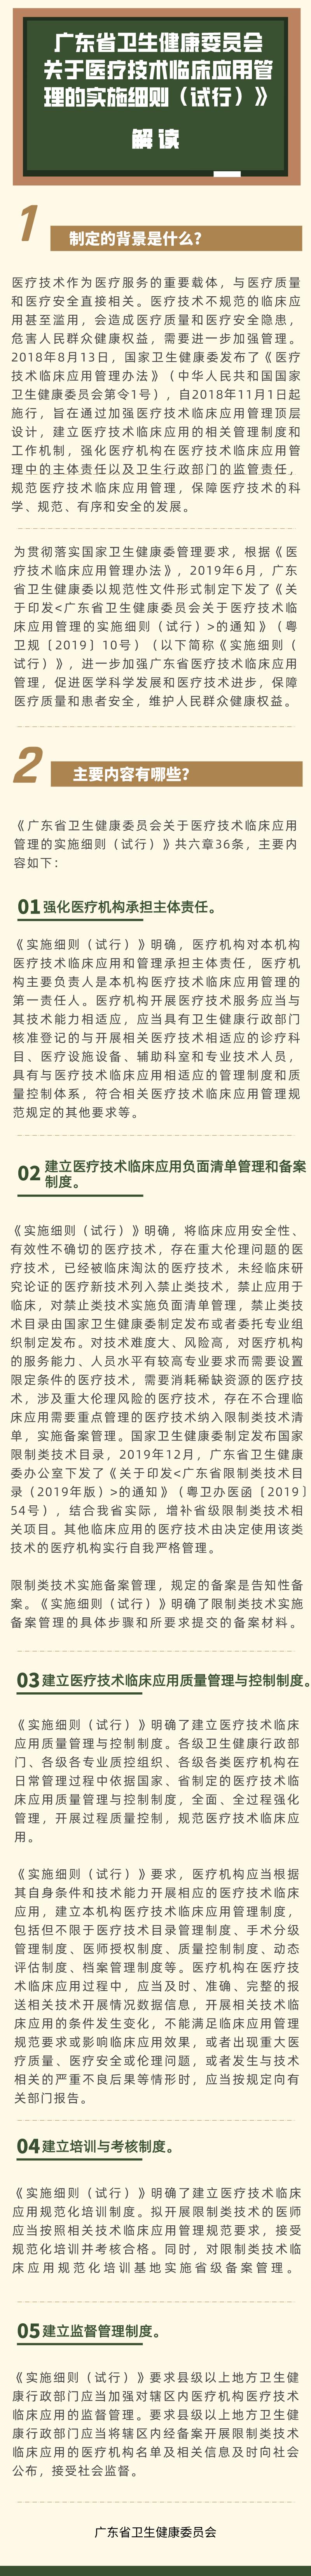 医疗技术临床应用管理的实施细则 (1).png